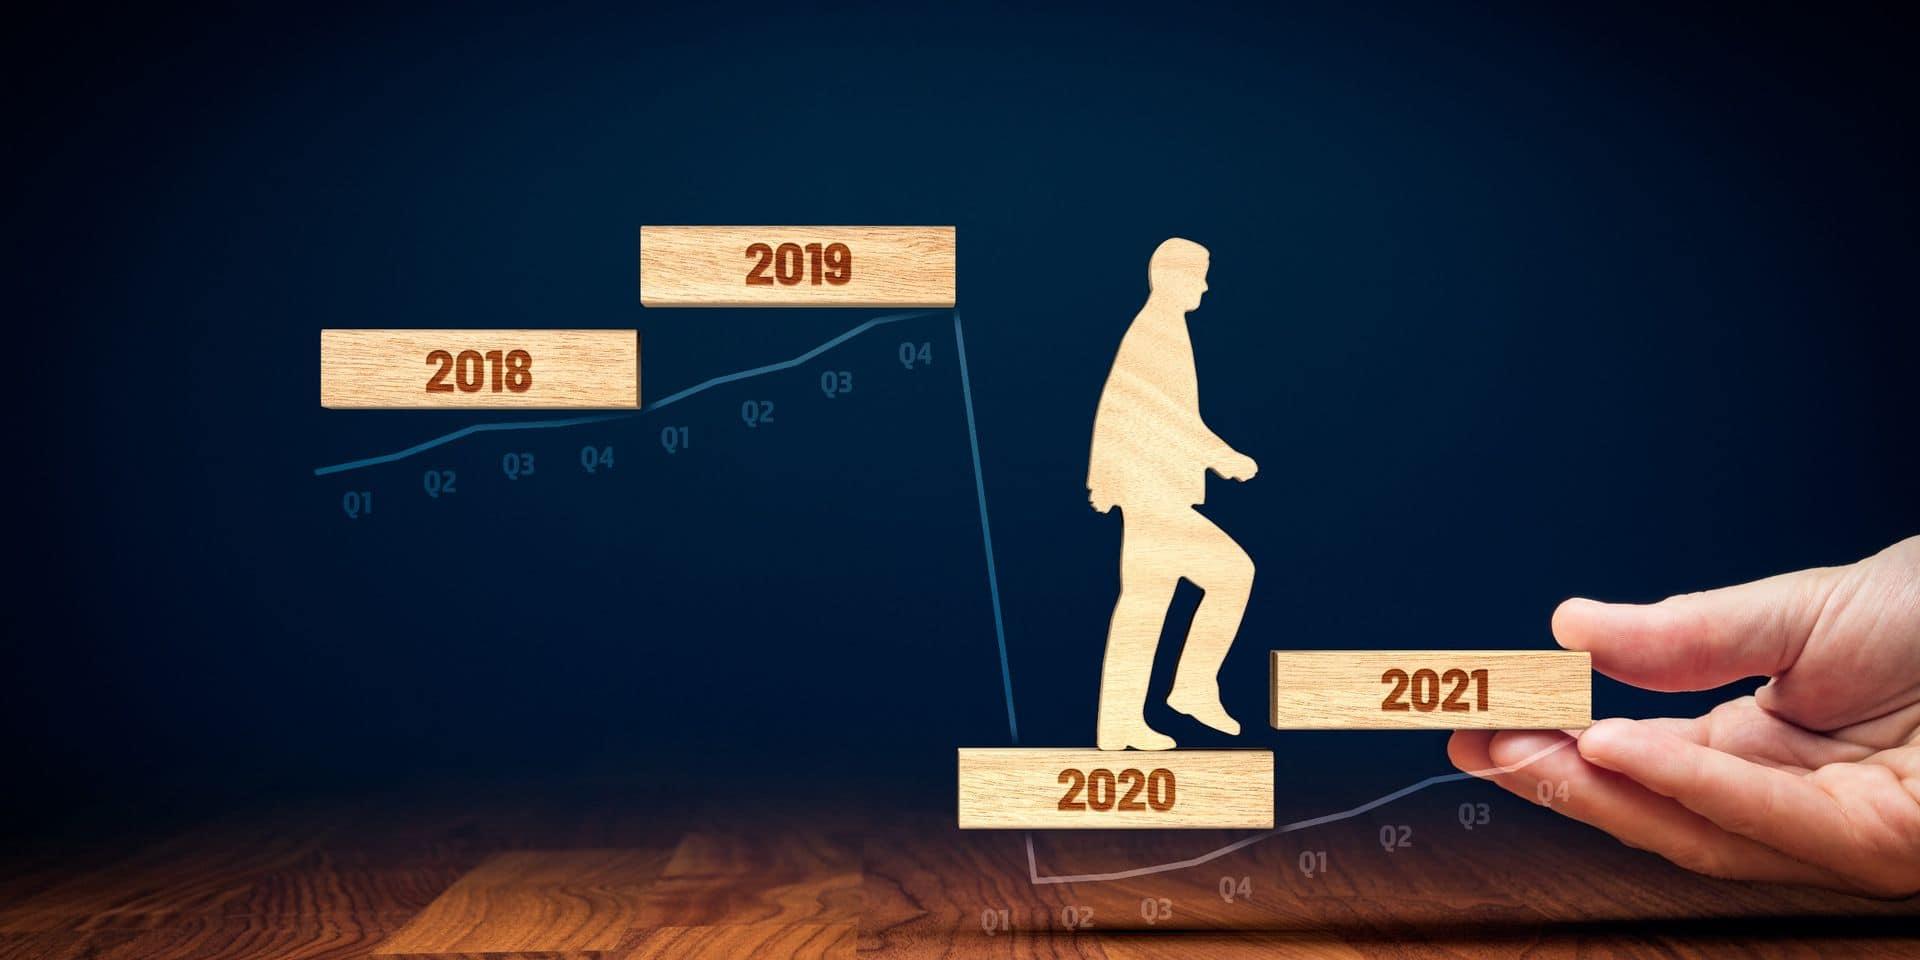 Malgré sa hausse au 3ème trimestre de 2020, le PIB de plusieurs pays reste inférieur à celui du même trimestre de 2019.